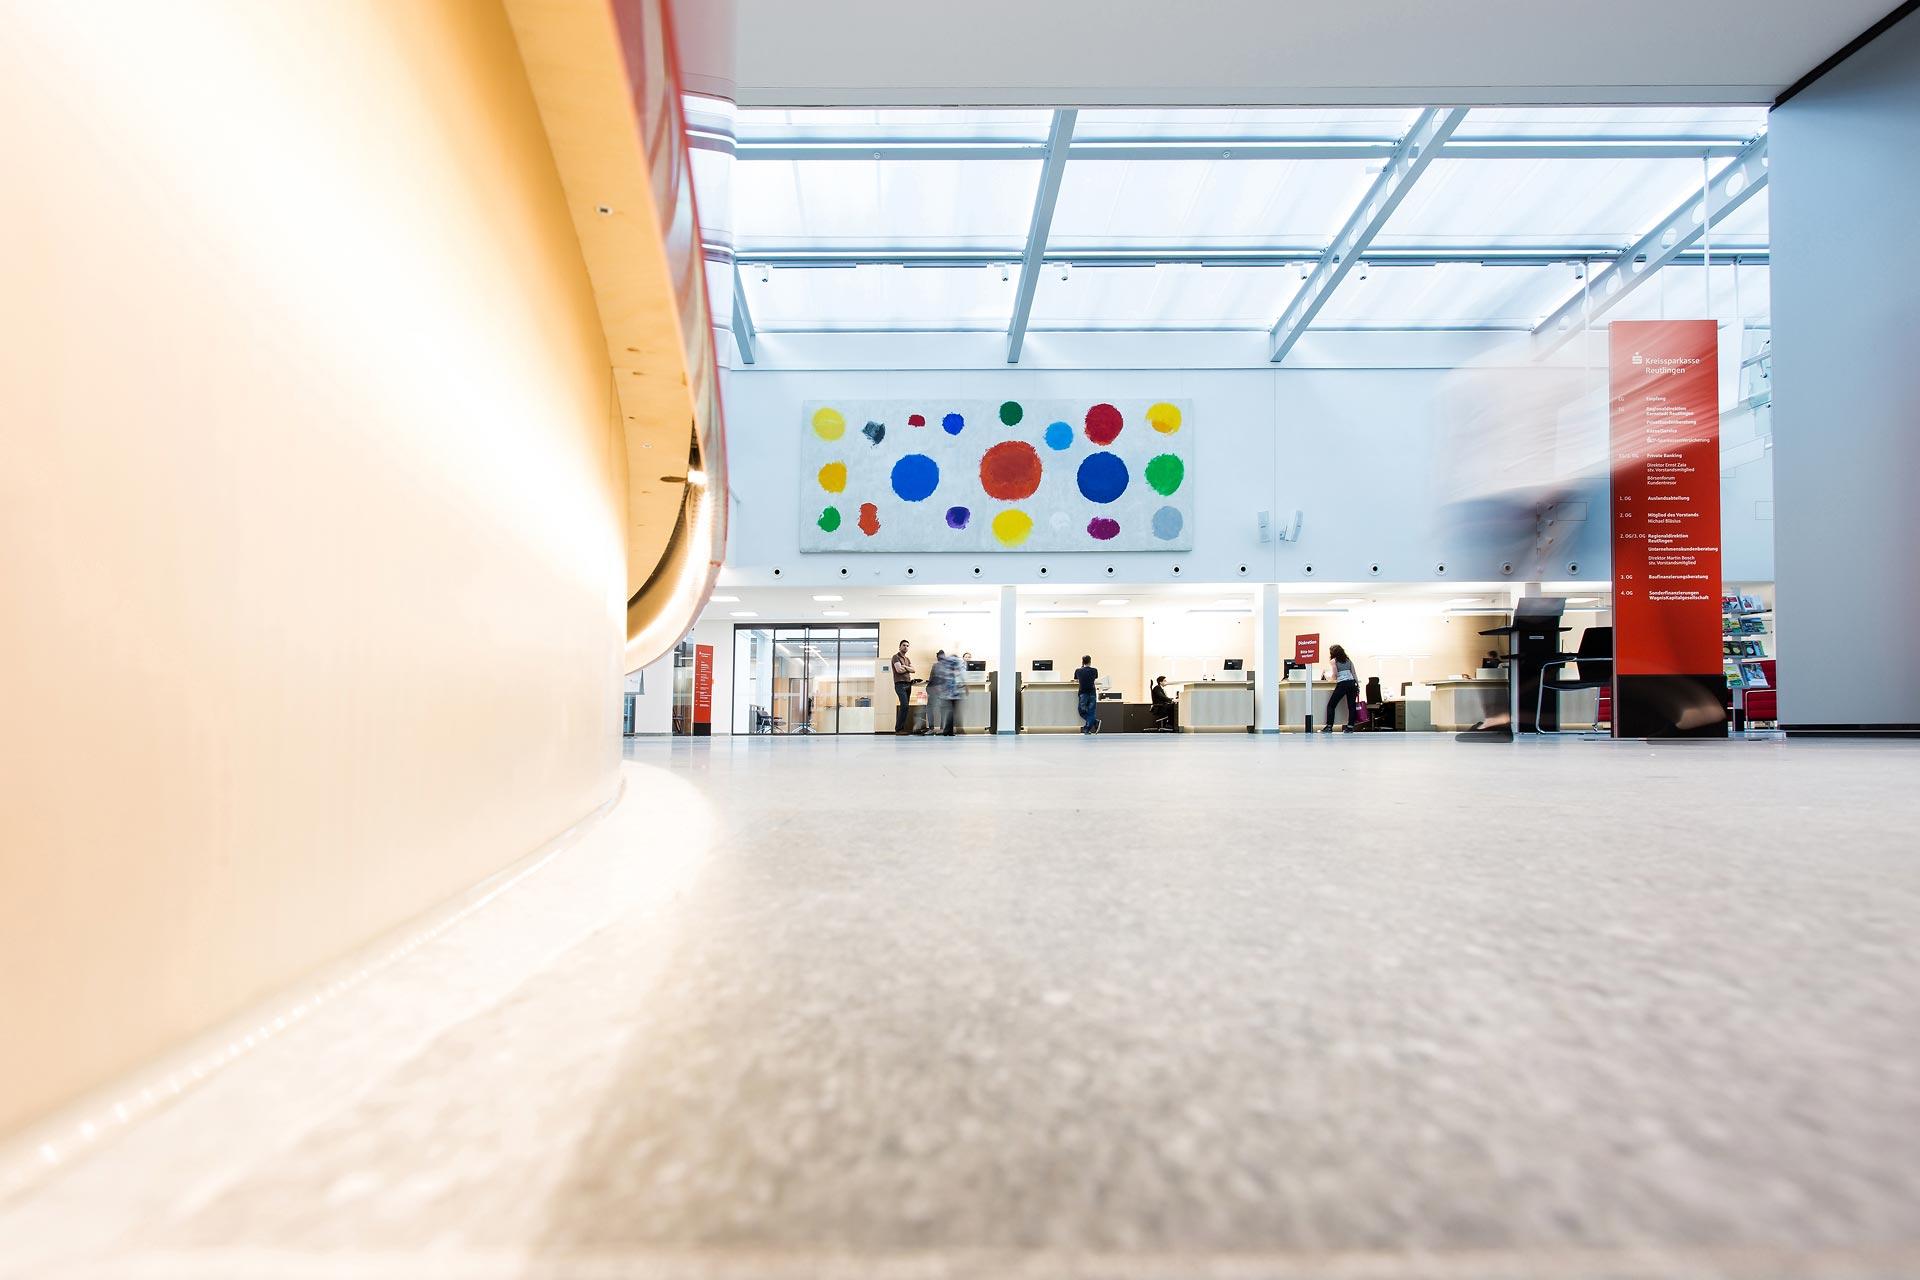 Kreissparkasse Kundenhalle Reutlingen